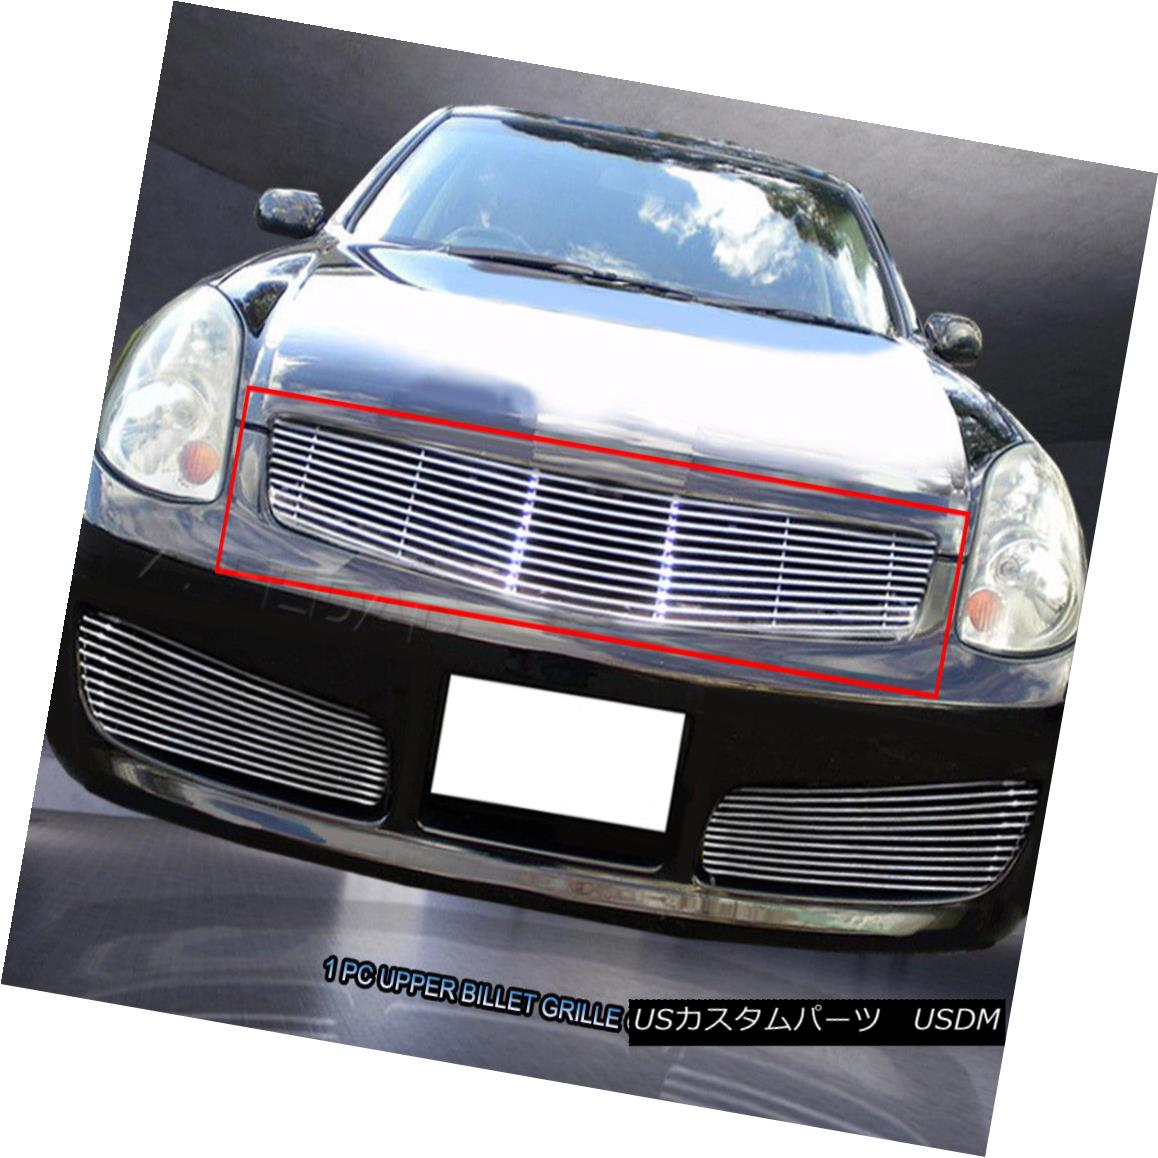 グリル Fits 03-04 Infiniti G35 Sedan Billet Grille Grill Upper Insert Fedar フィット03-04インフィニティG35セダンビレットグリルグリルアッパーインサートフェルダー